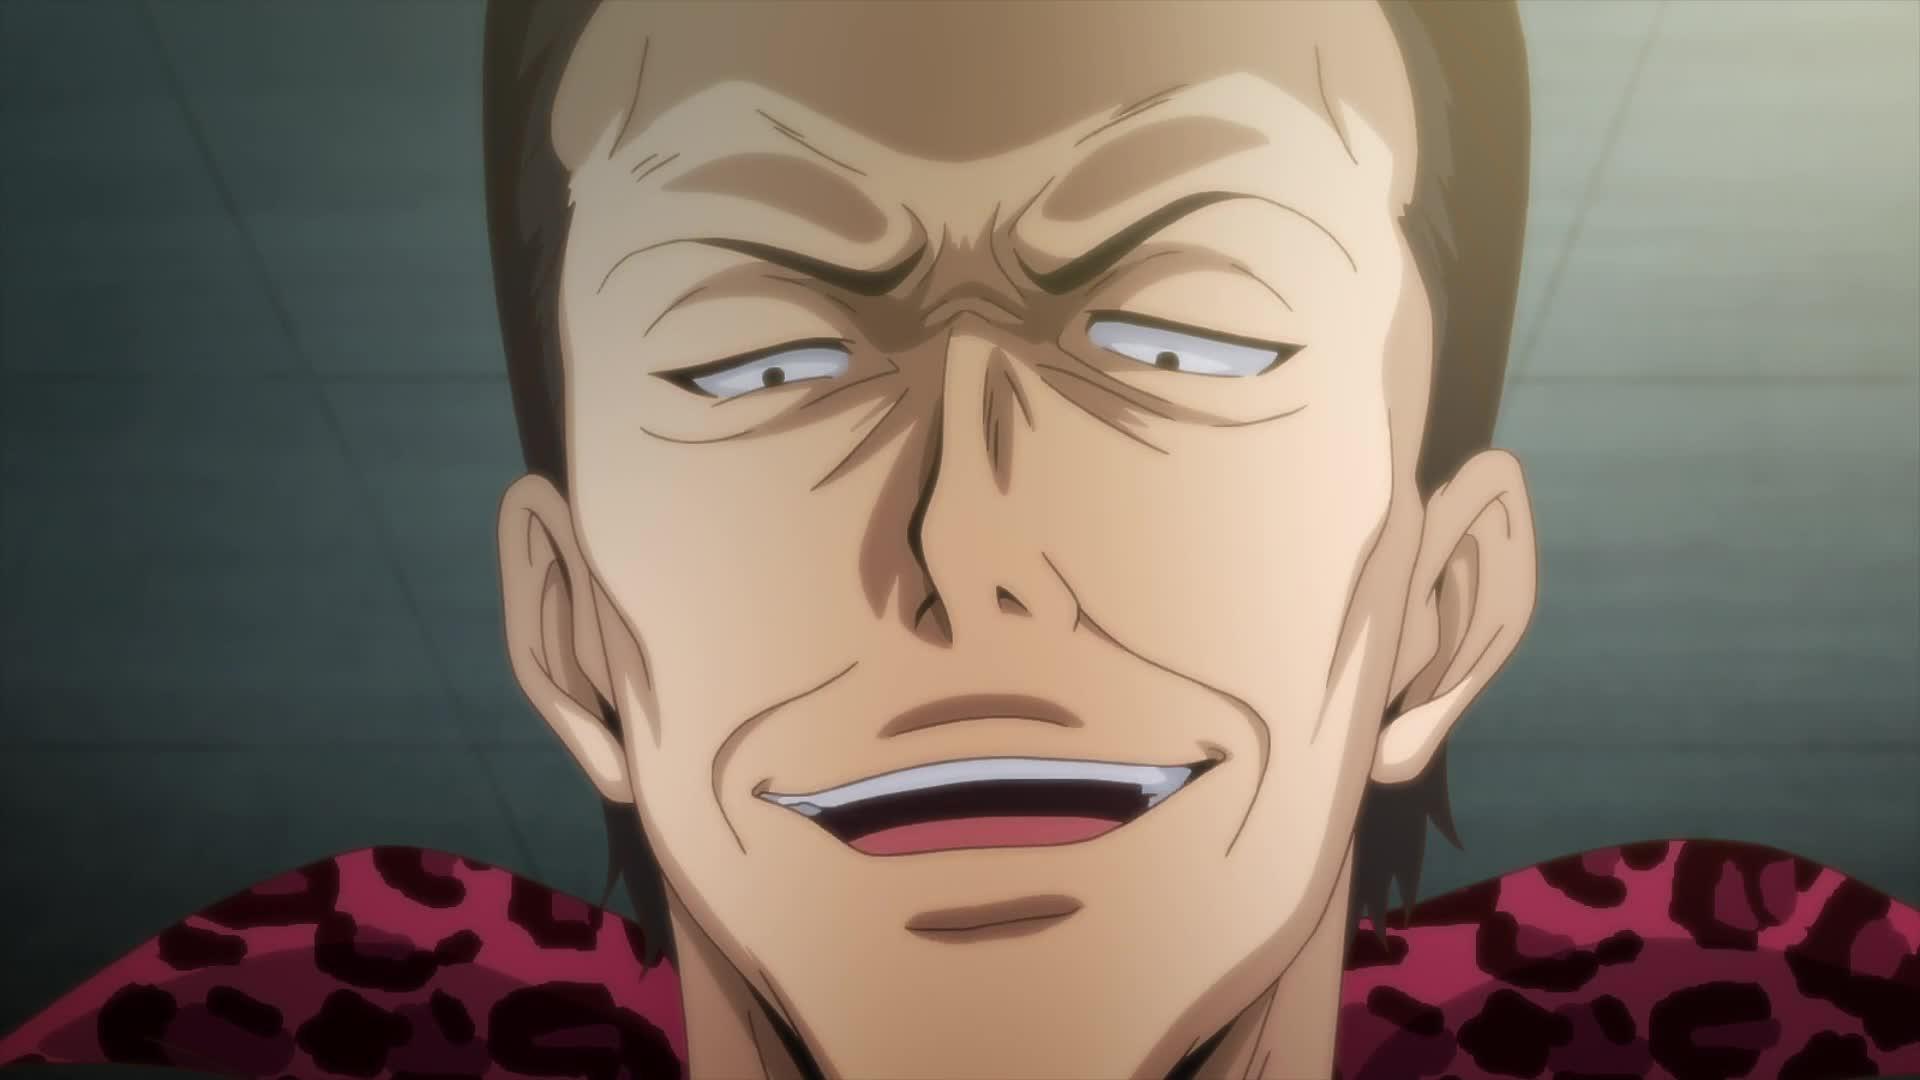 100-man no Inochi no Ue ni Ore wa Tatteiru 2nd Season (Dub)